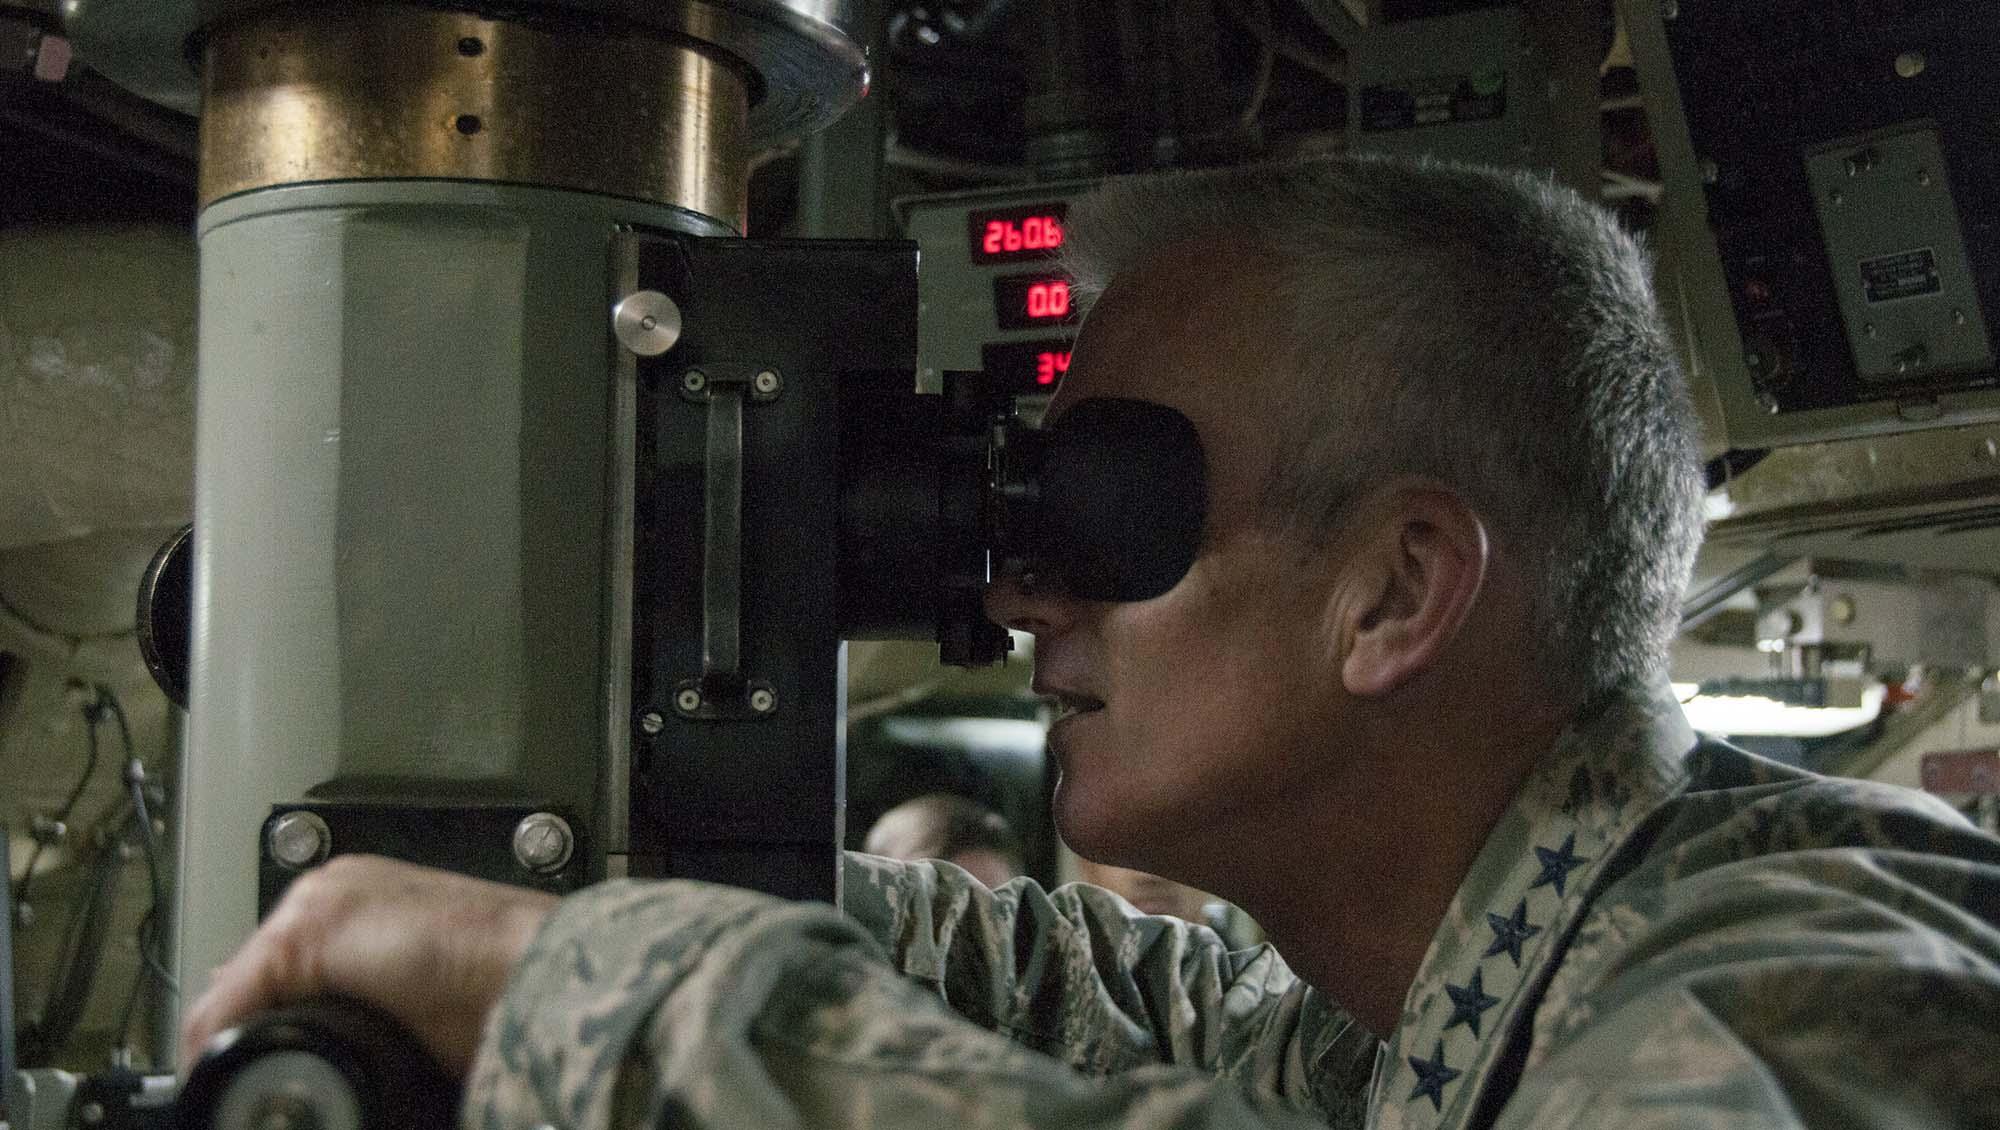 Les sous-marins nucléaires US désormais contrôlés par… des manettes Xbox?